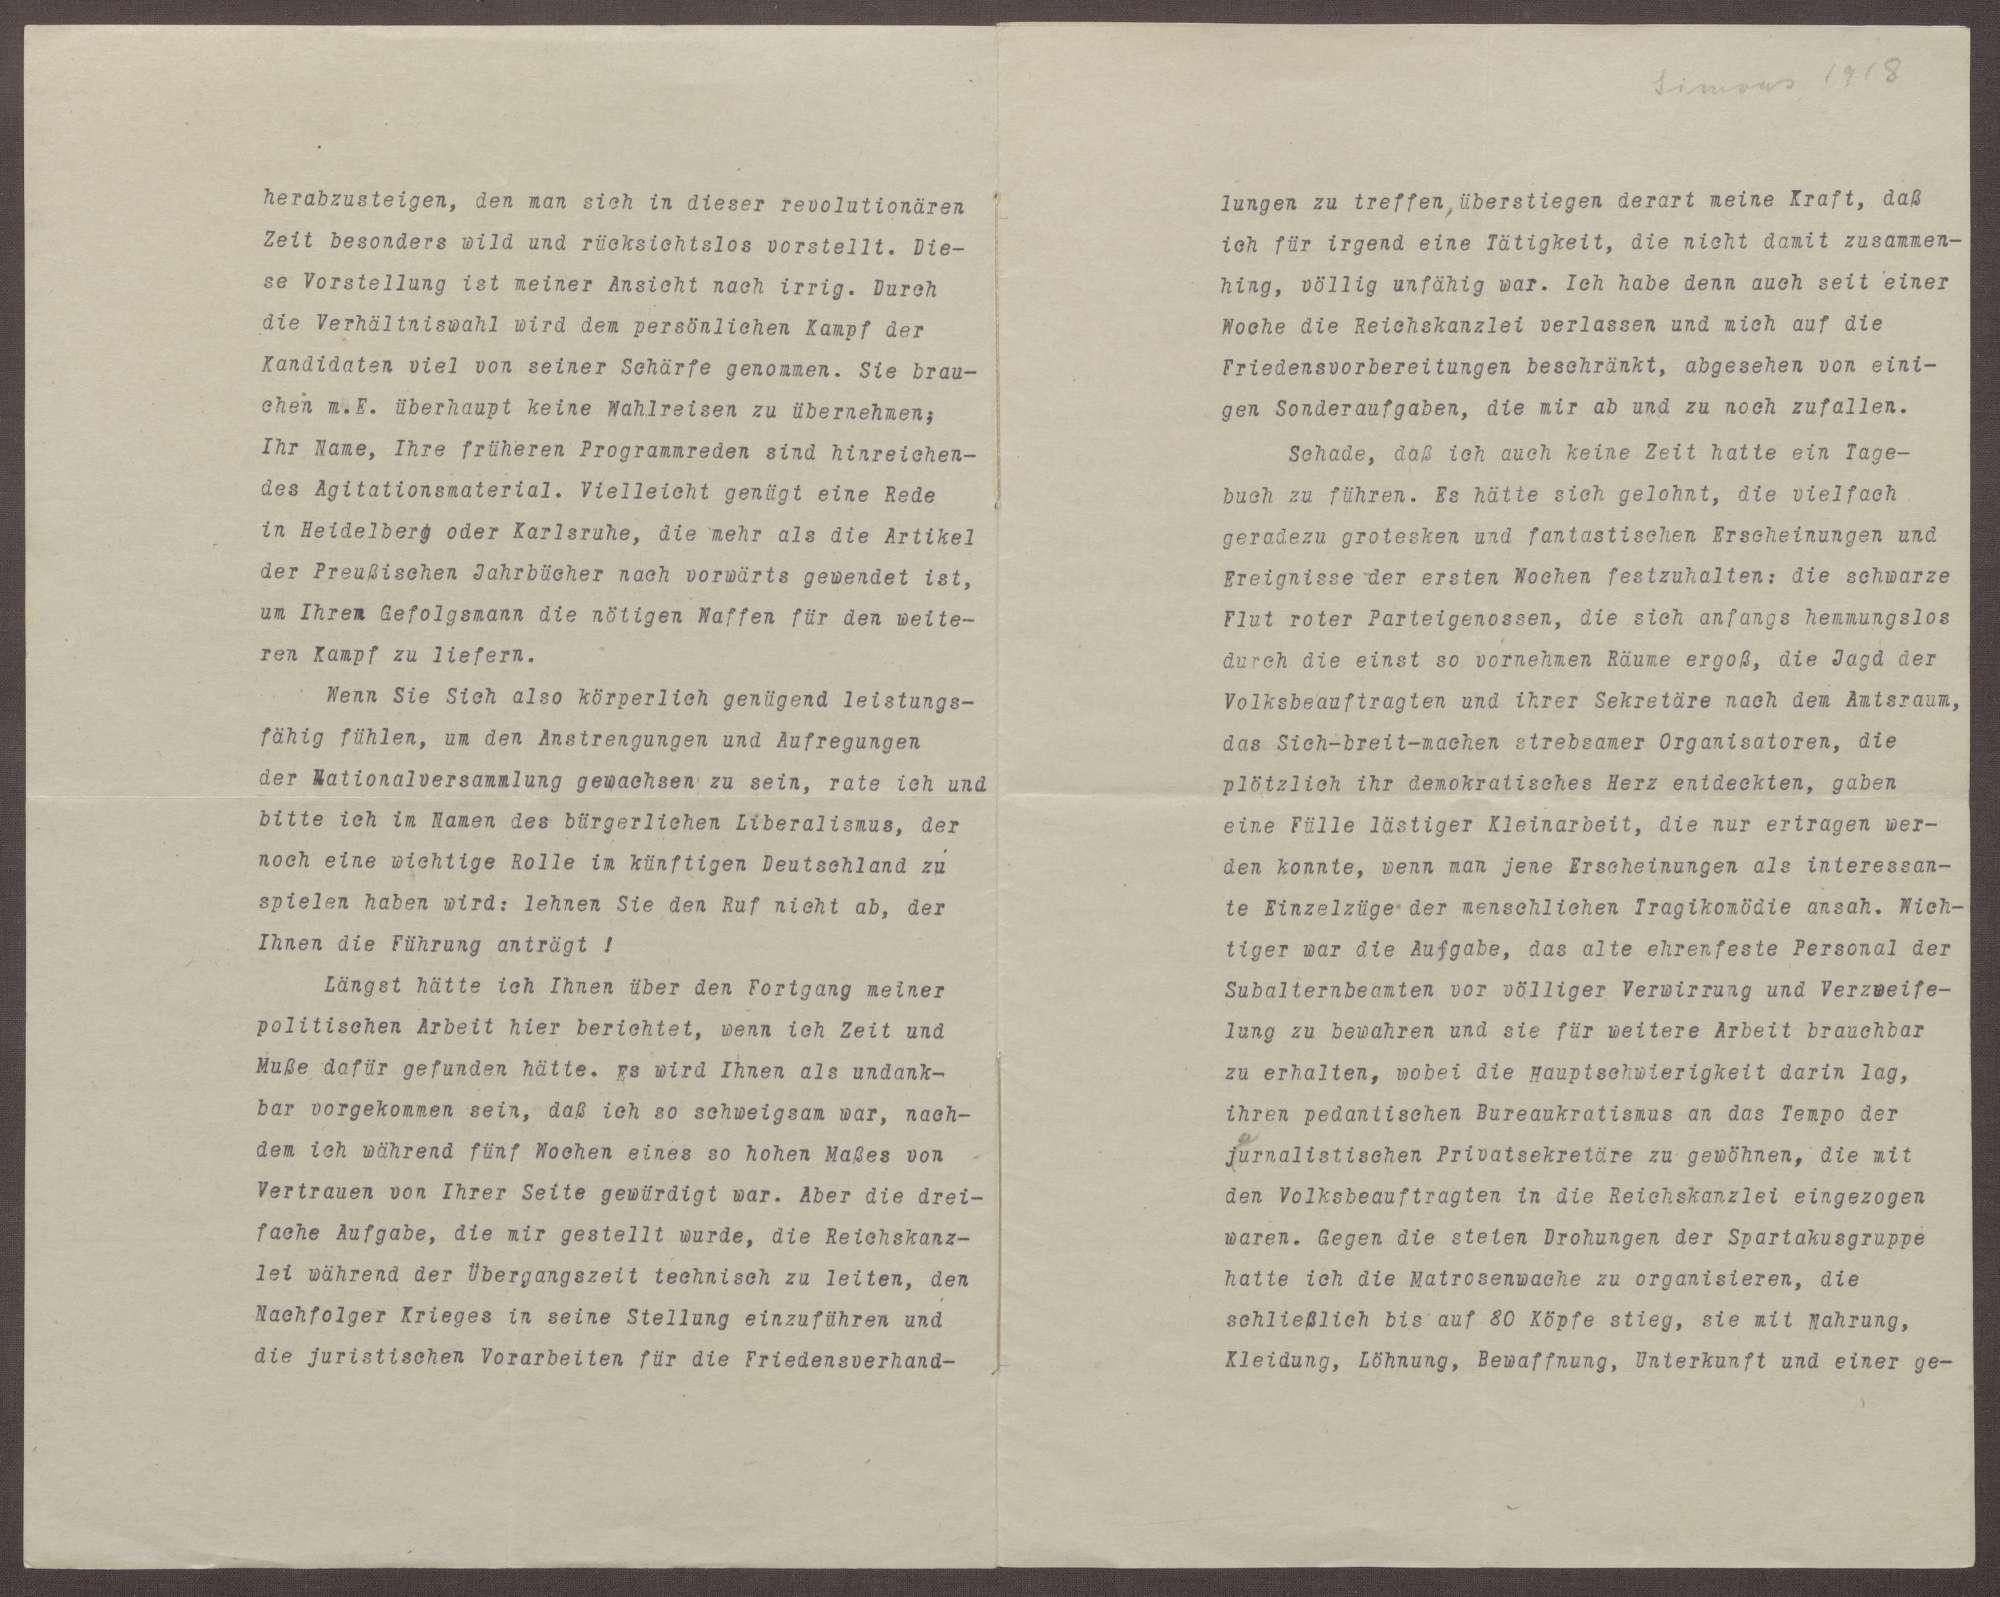 Schreiben von Walter Simons an Prinz Max von Baden; Kandidatur des Prinzen Max für die Wahlen zum Reichspräsidenten 1919, Umbrüche in der Reichskanzlei, Einschätzungen zur Stellung von Friedrich Ebert, Bild 2